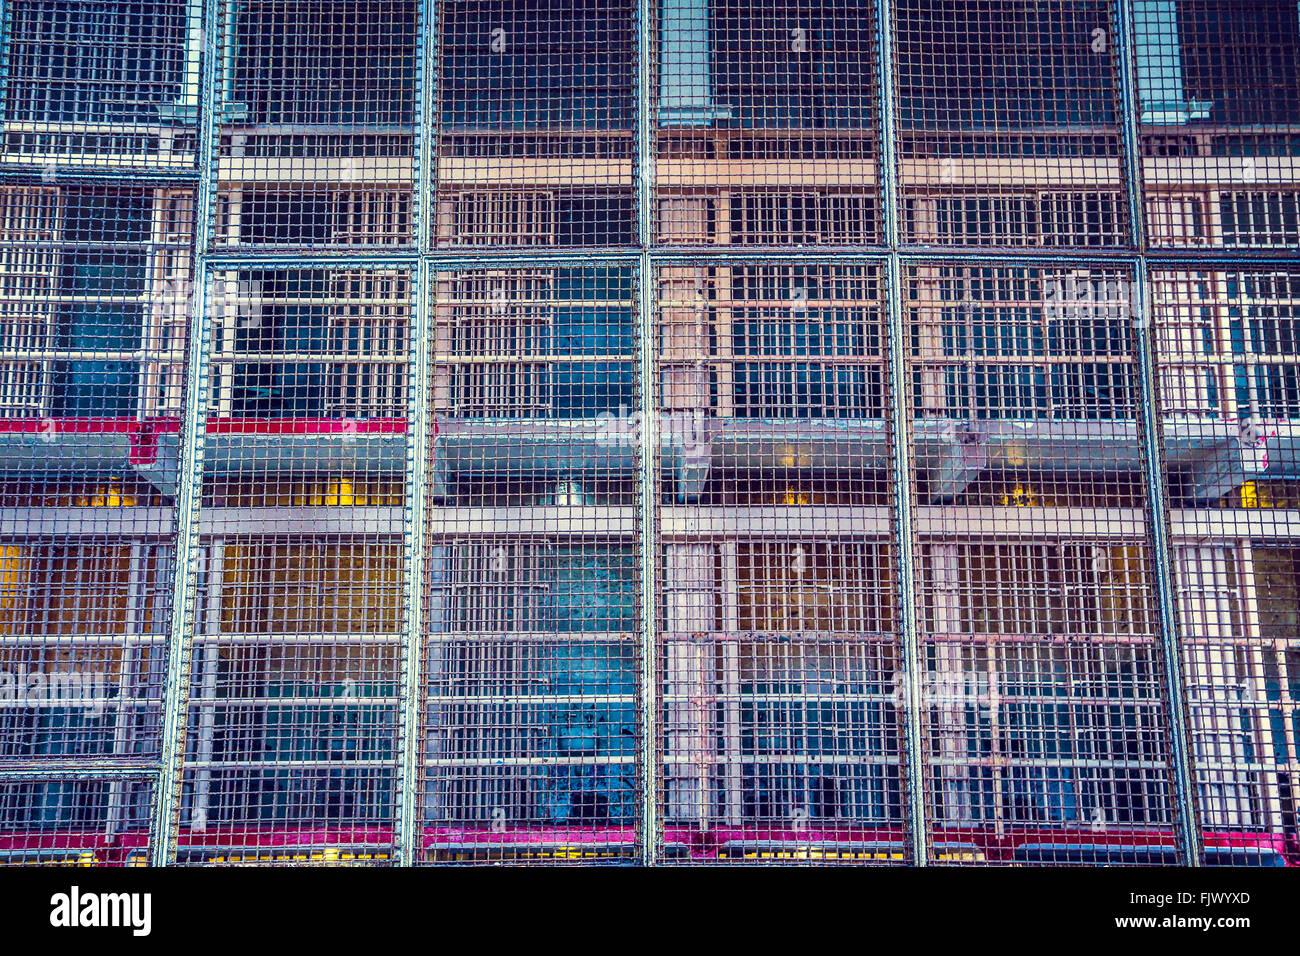 Alcatraz Prison bars, San Fransisco - Stock Image